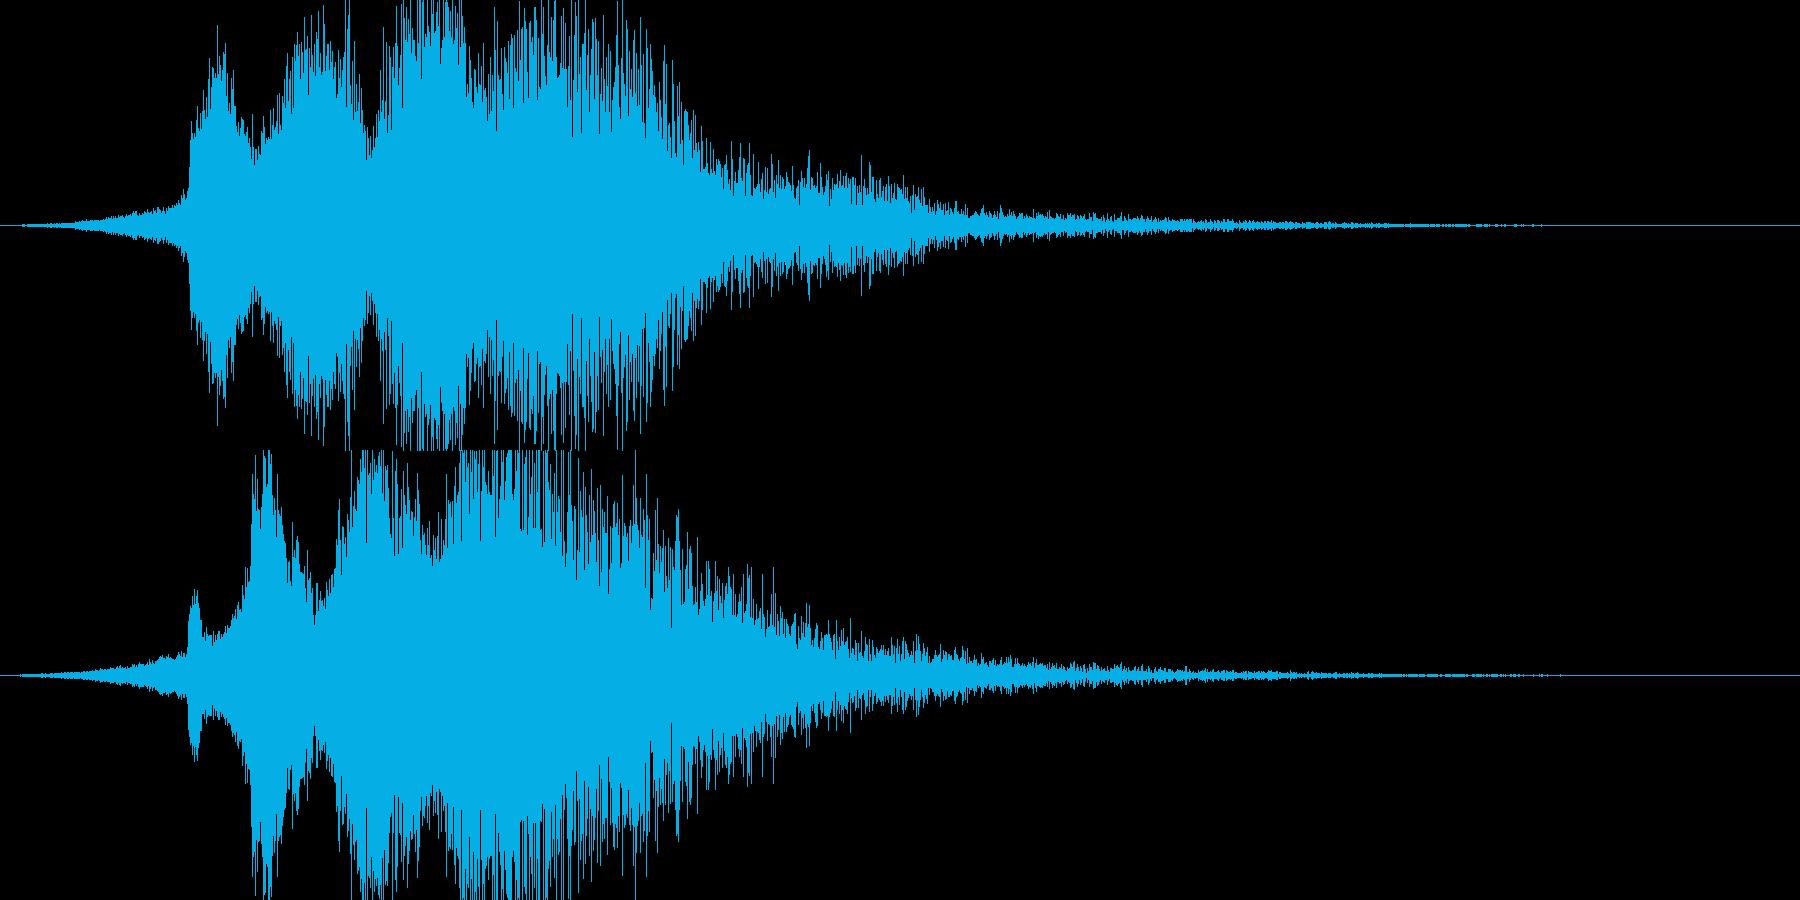 キラーン(アプリ、サウンドロゴ等に)の再生済みの波形